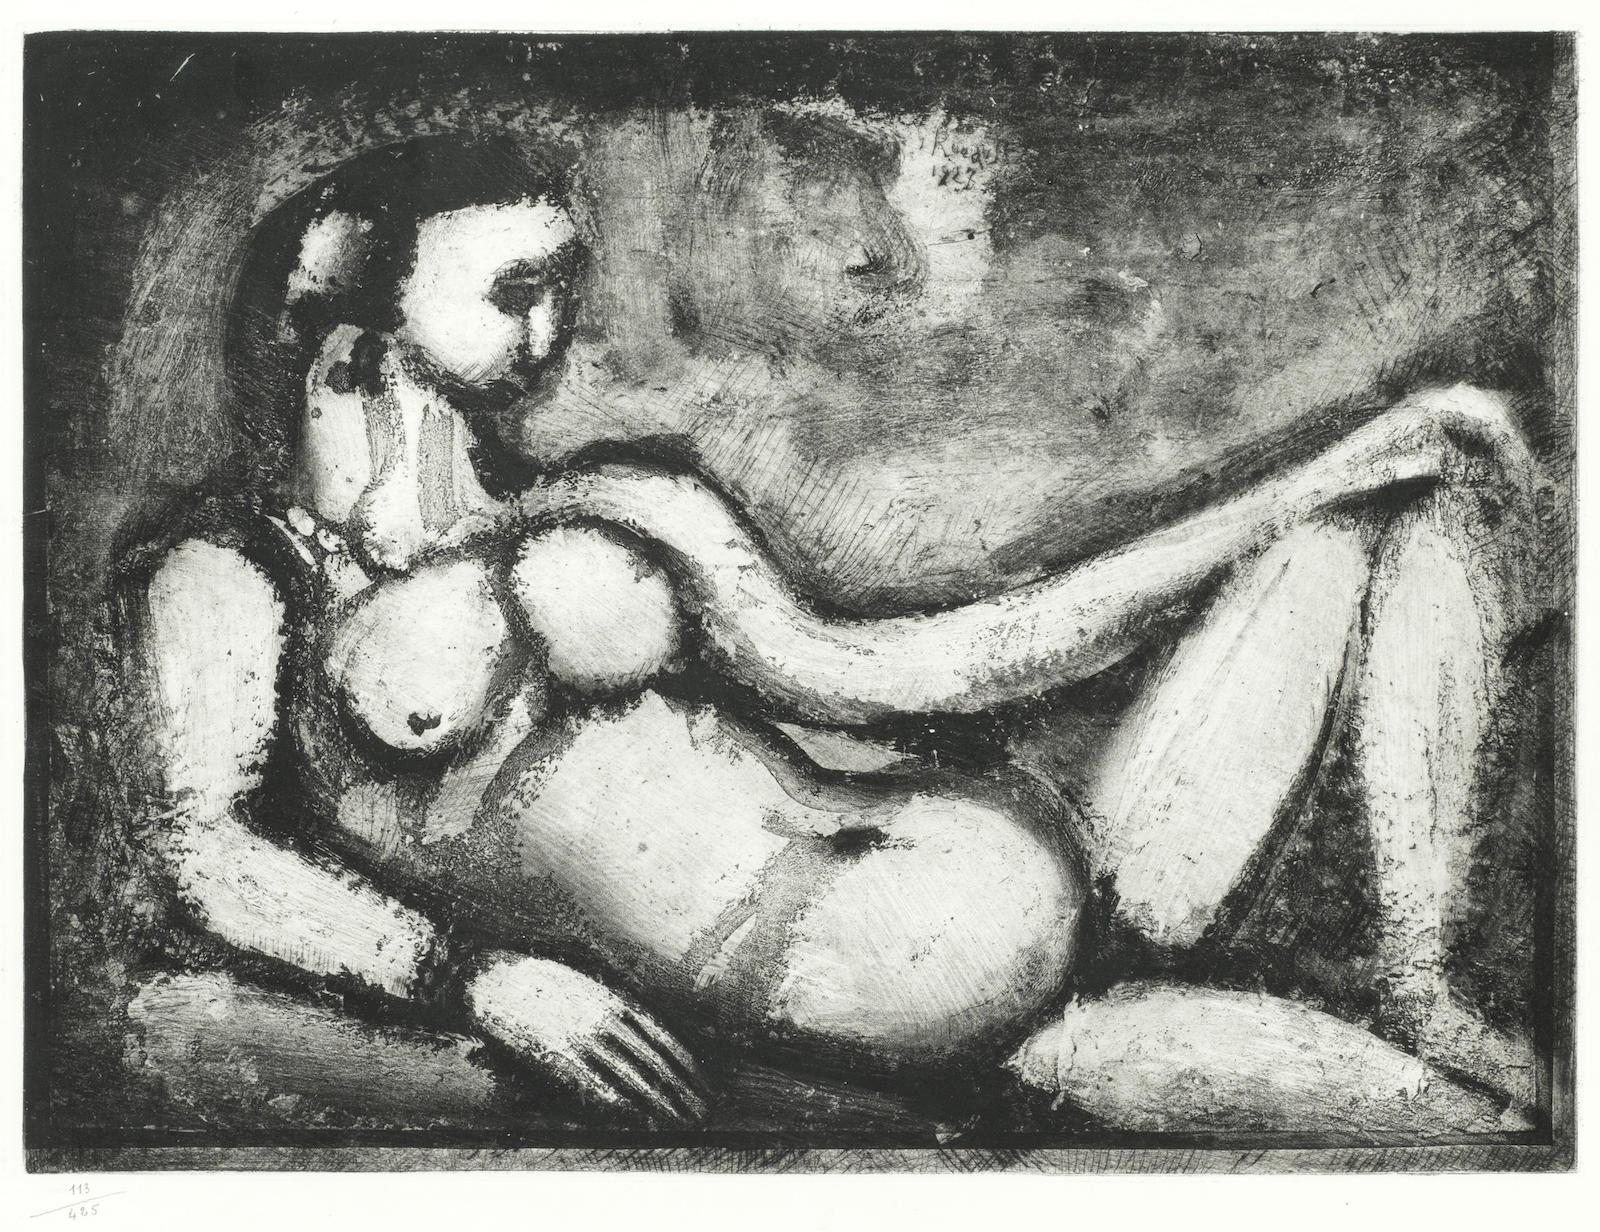 Georges Rouault-Courtisane nue, Plate VI from 'Quatorze Planches Gravees Pour Les Fleurs Du Mal'-1927